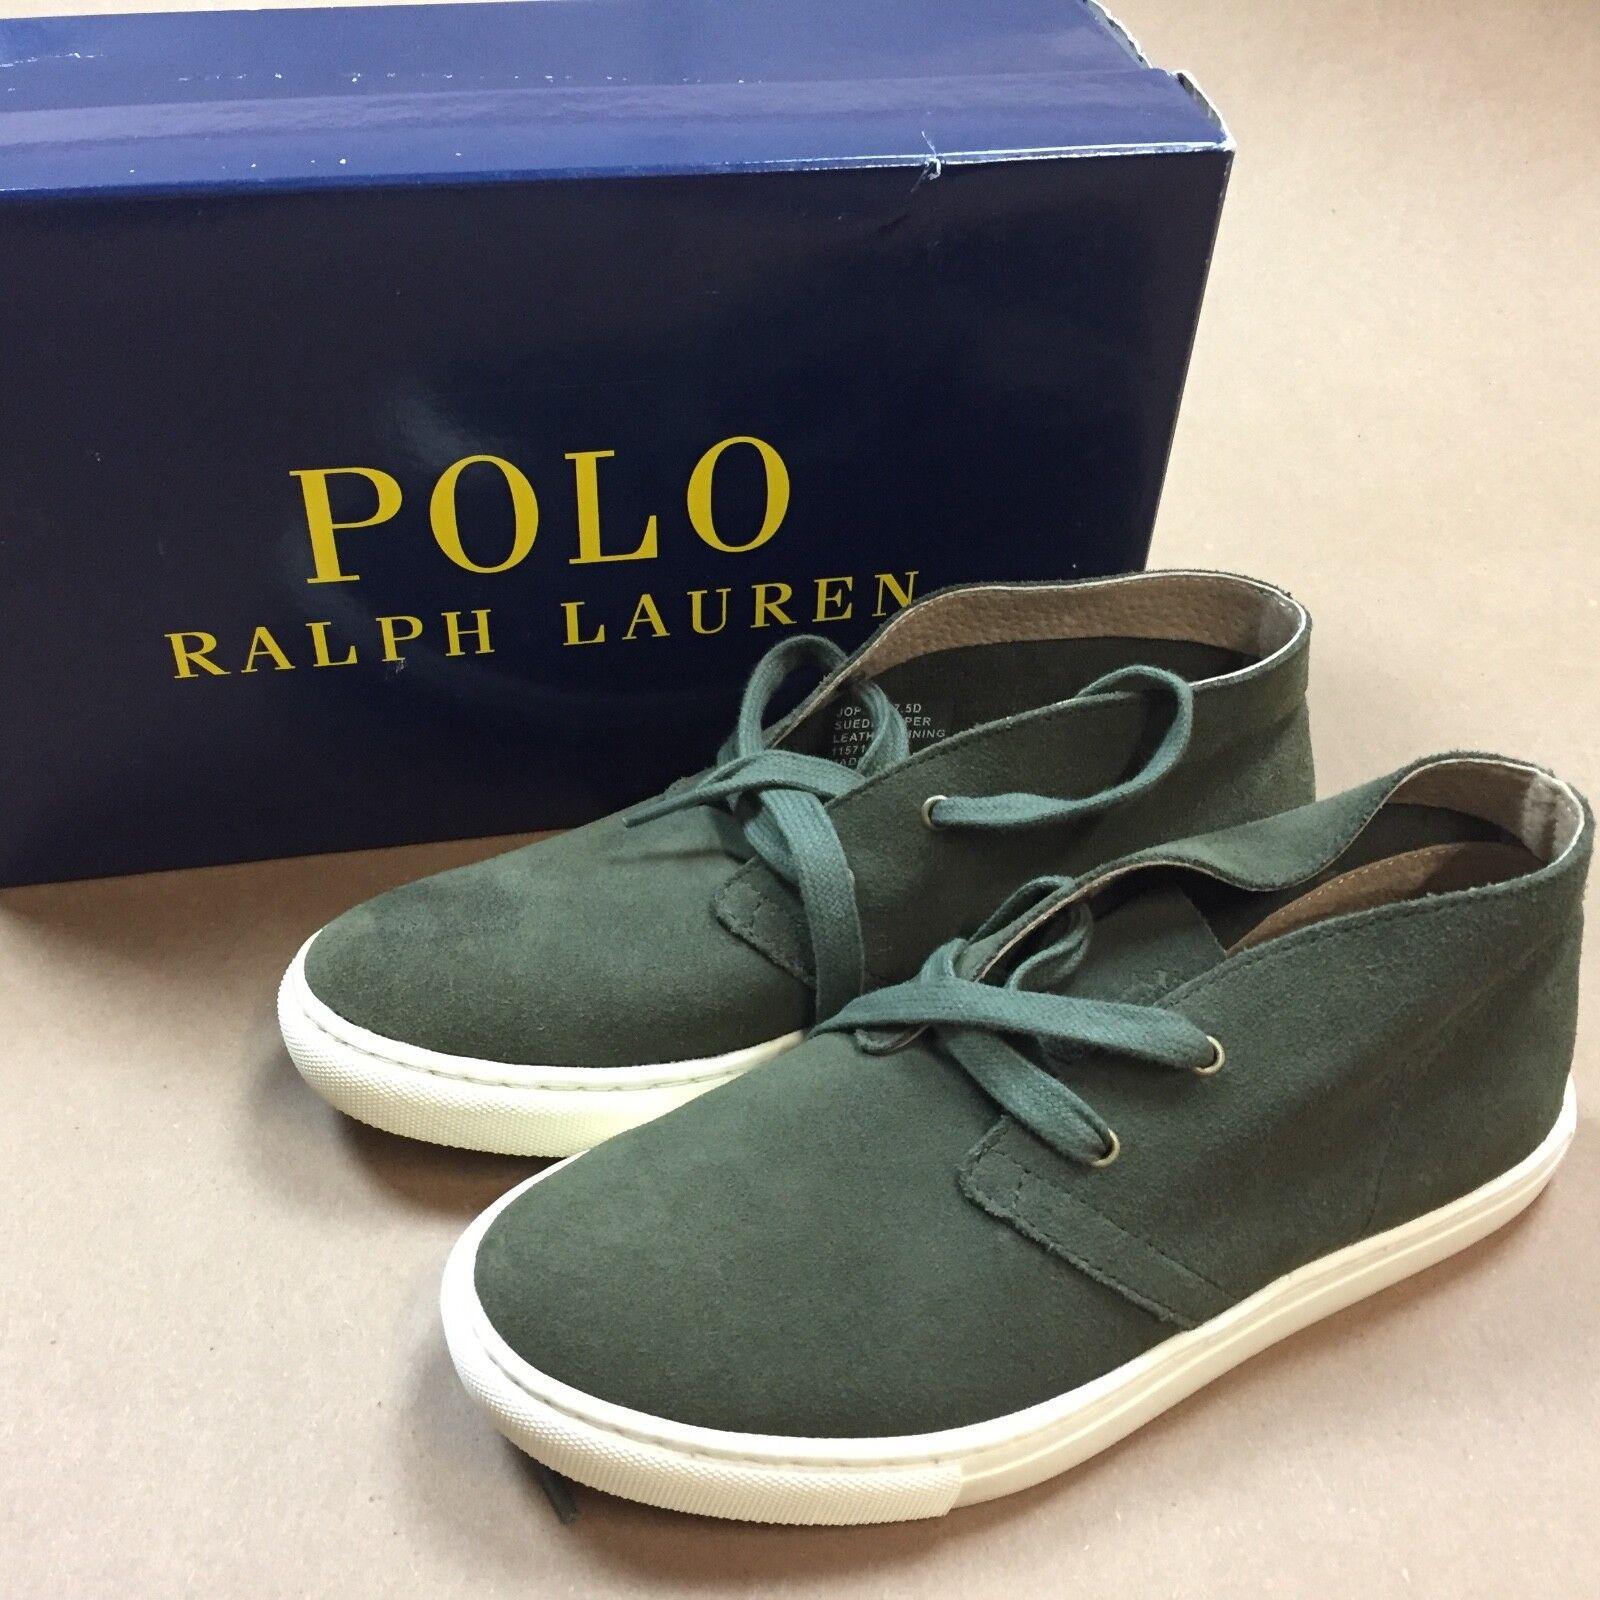 New in box polo ralph lauren joplin green sport suede shoes 7.5 7